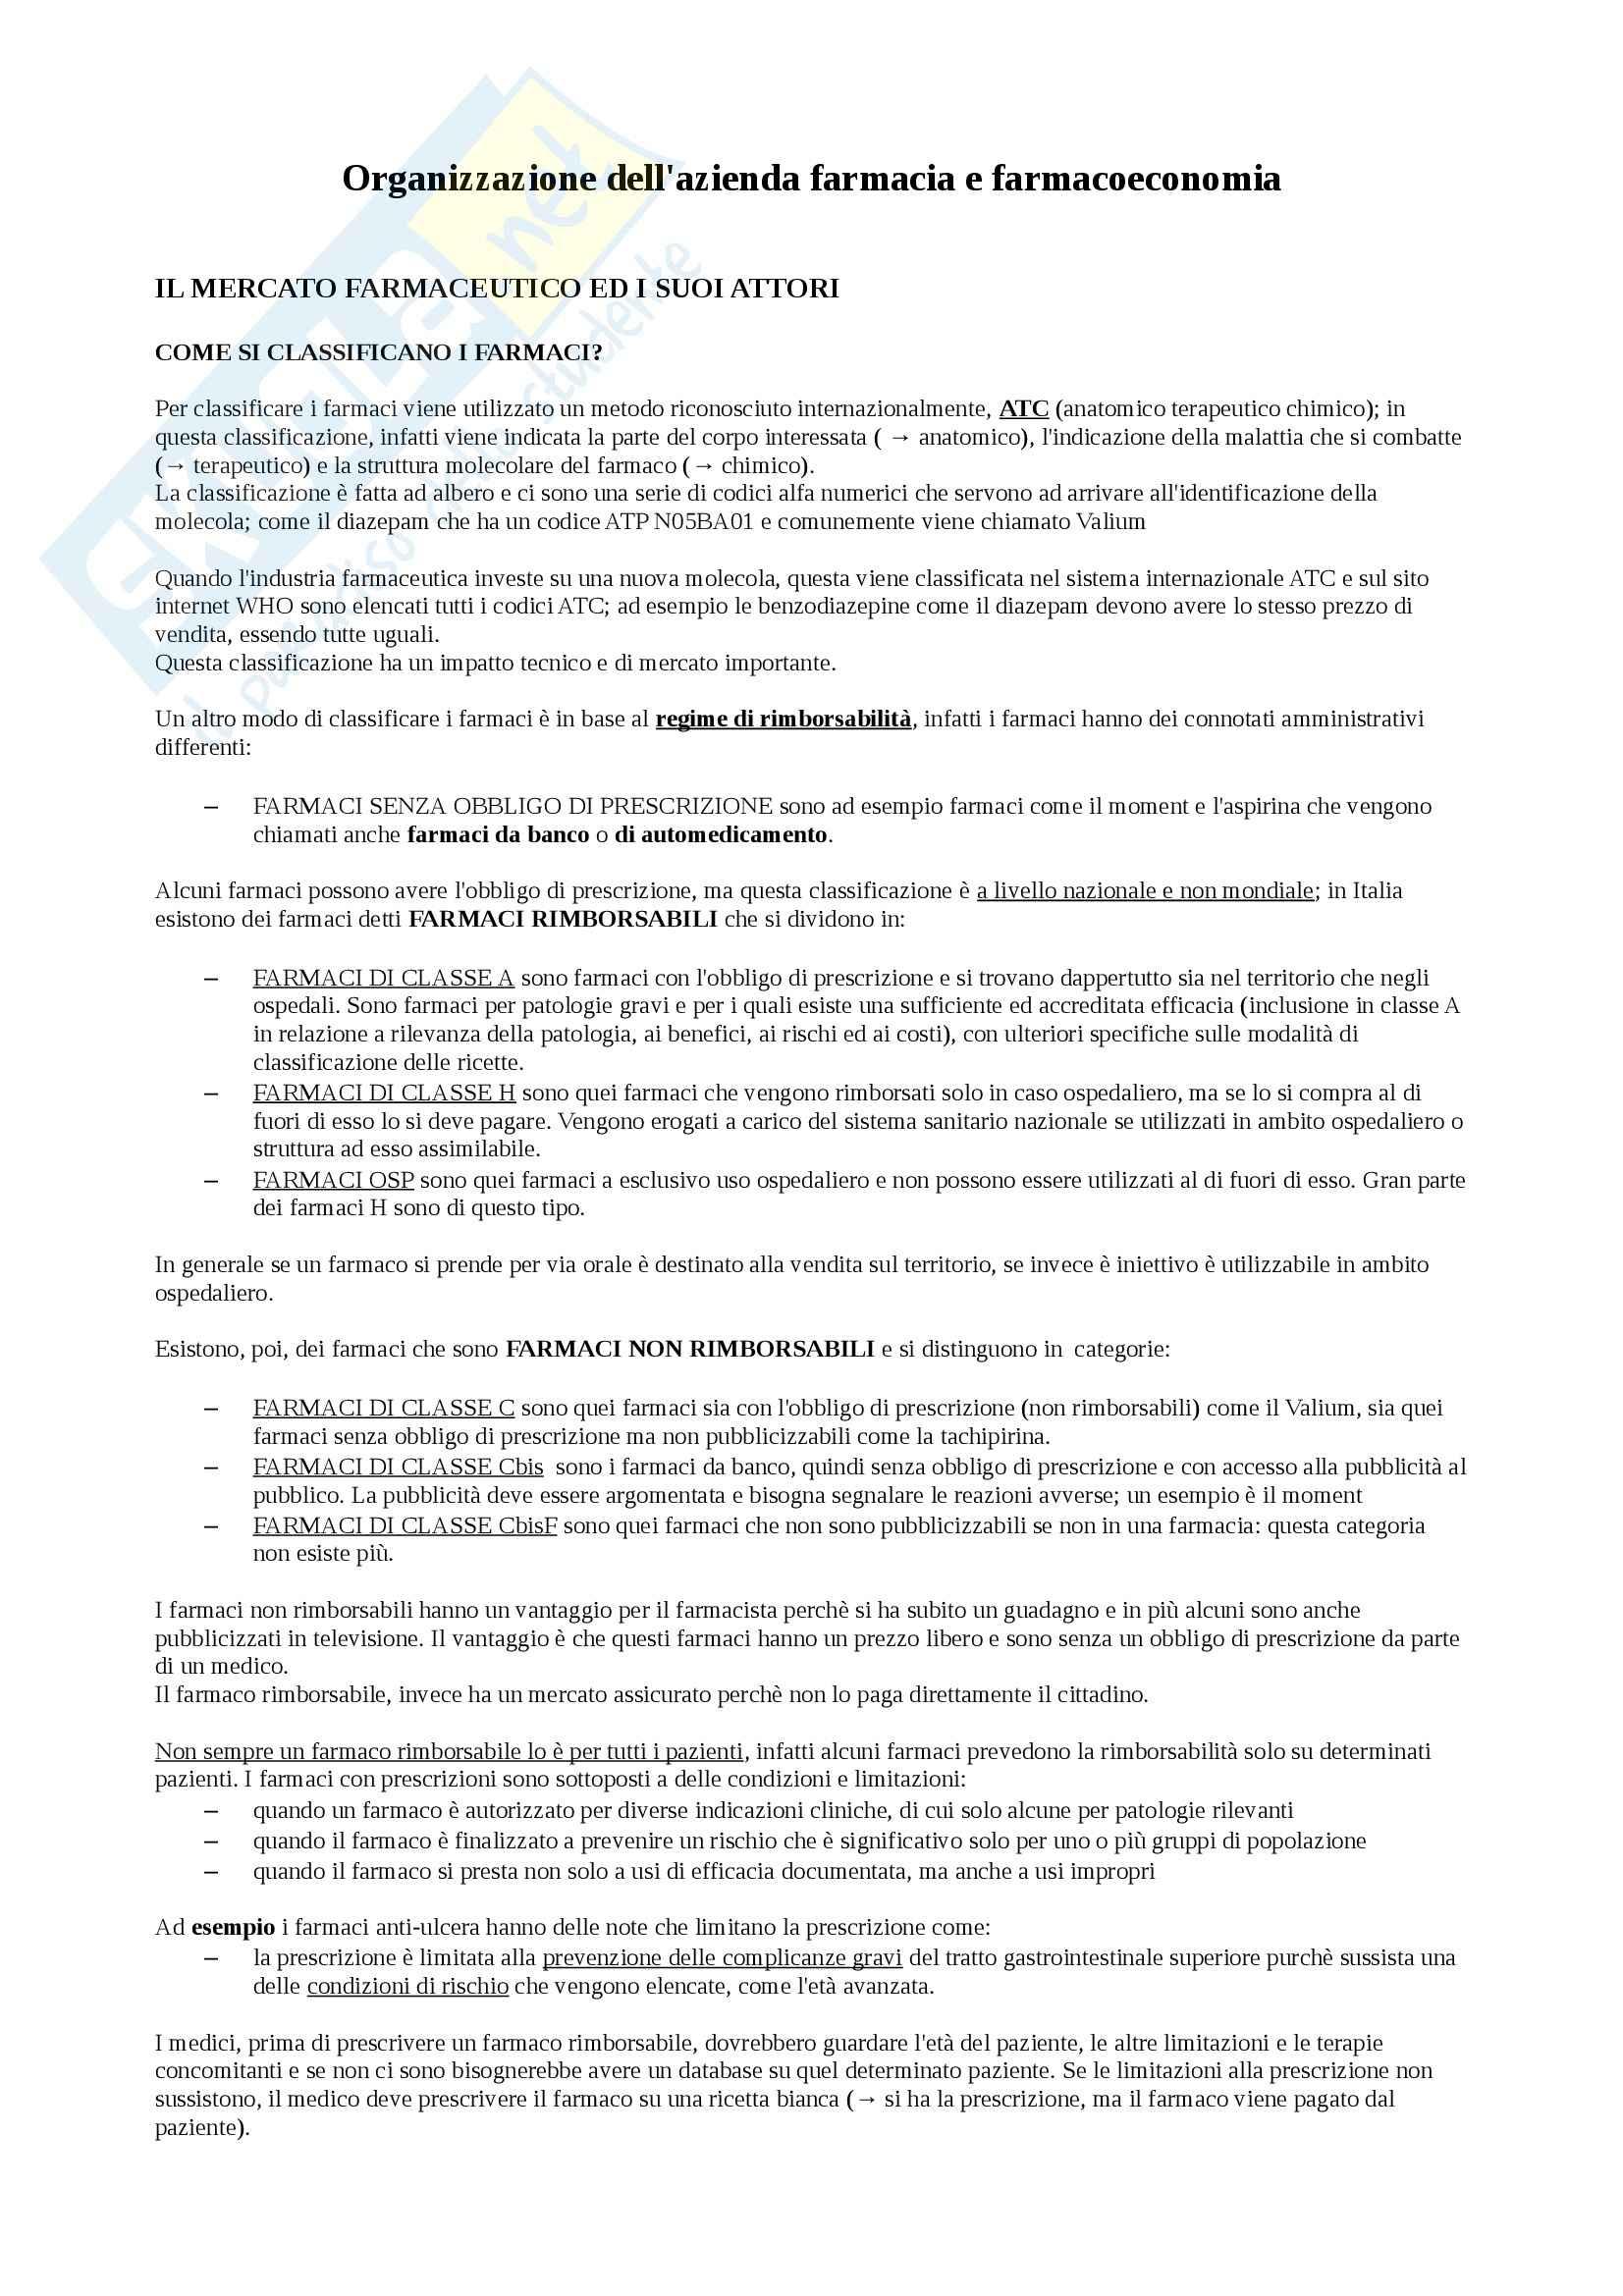 Organizzazione dell'azienda farmacia e farmacoeconomia - Appunti